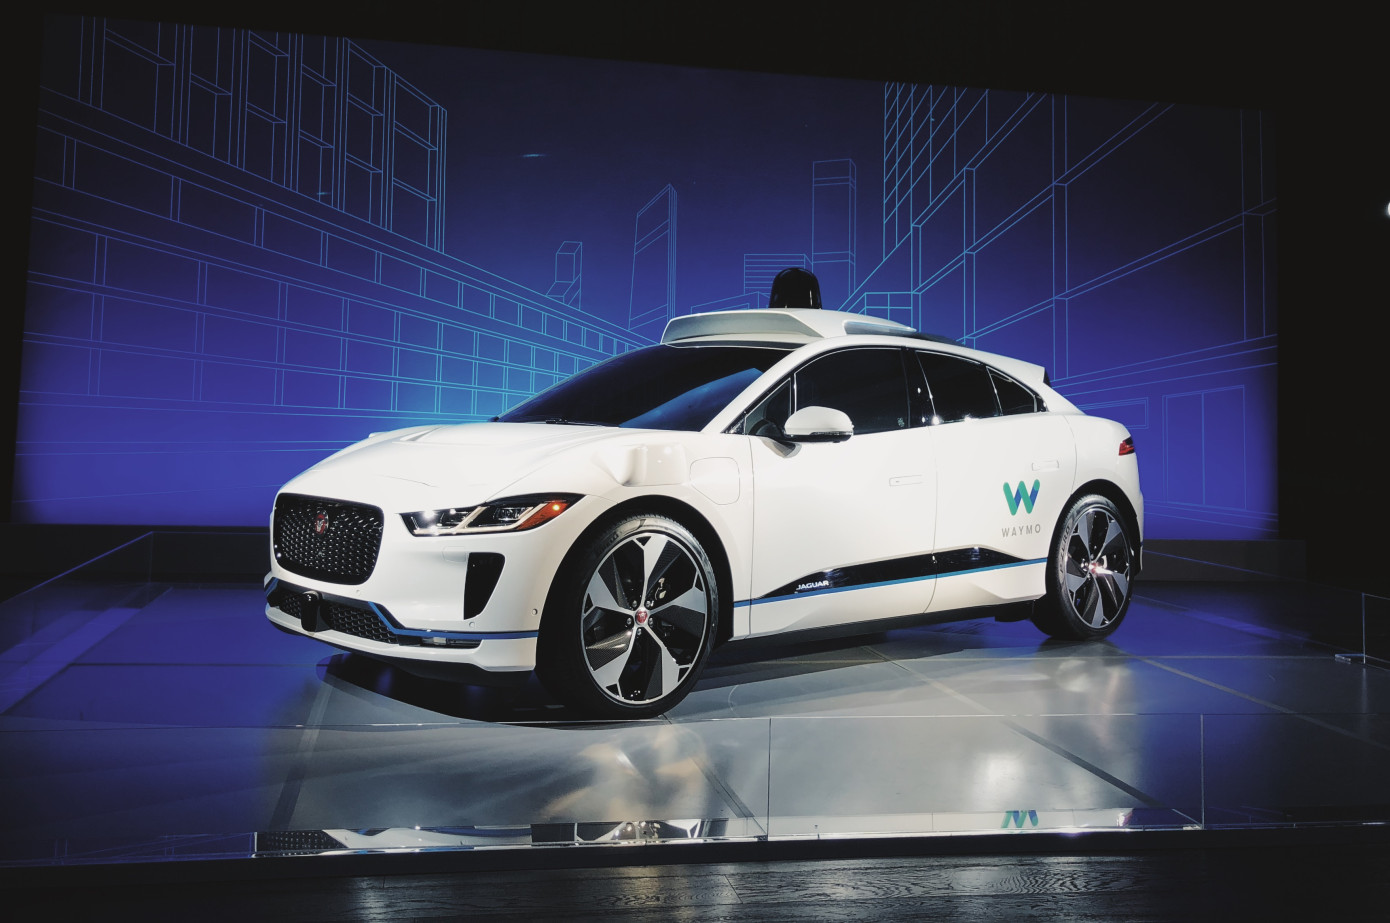 ... o primeiro carro premium totalmente autónomo do mundo. Para este feito,  a Waymo fez uma parceria com a Jaguar Land Rover para trazer o Jaguar  I-PACE. 1fe462ed6e